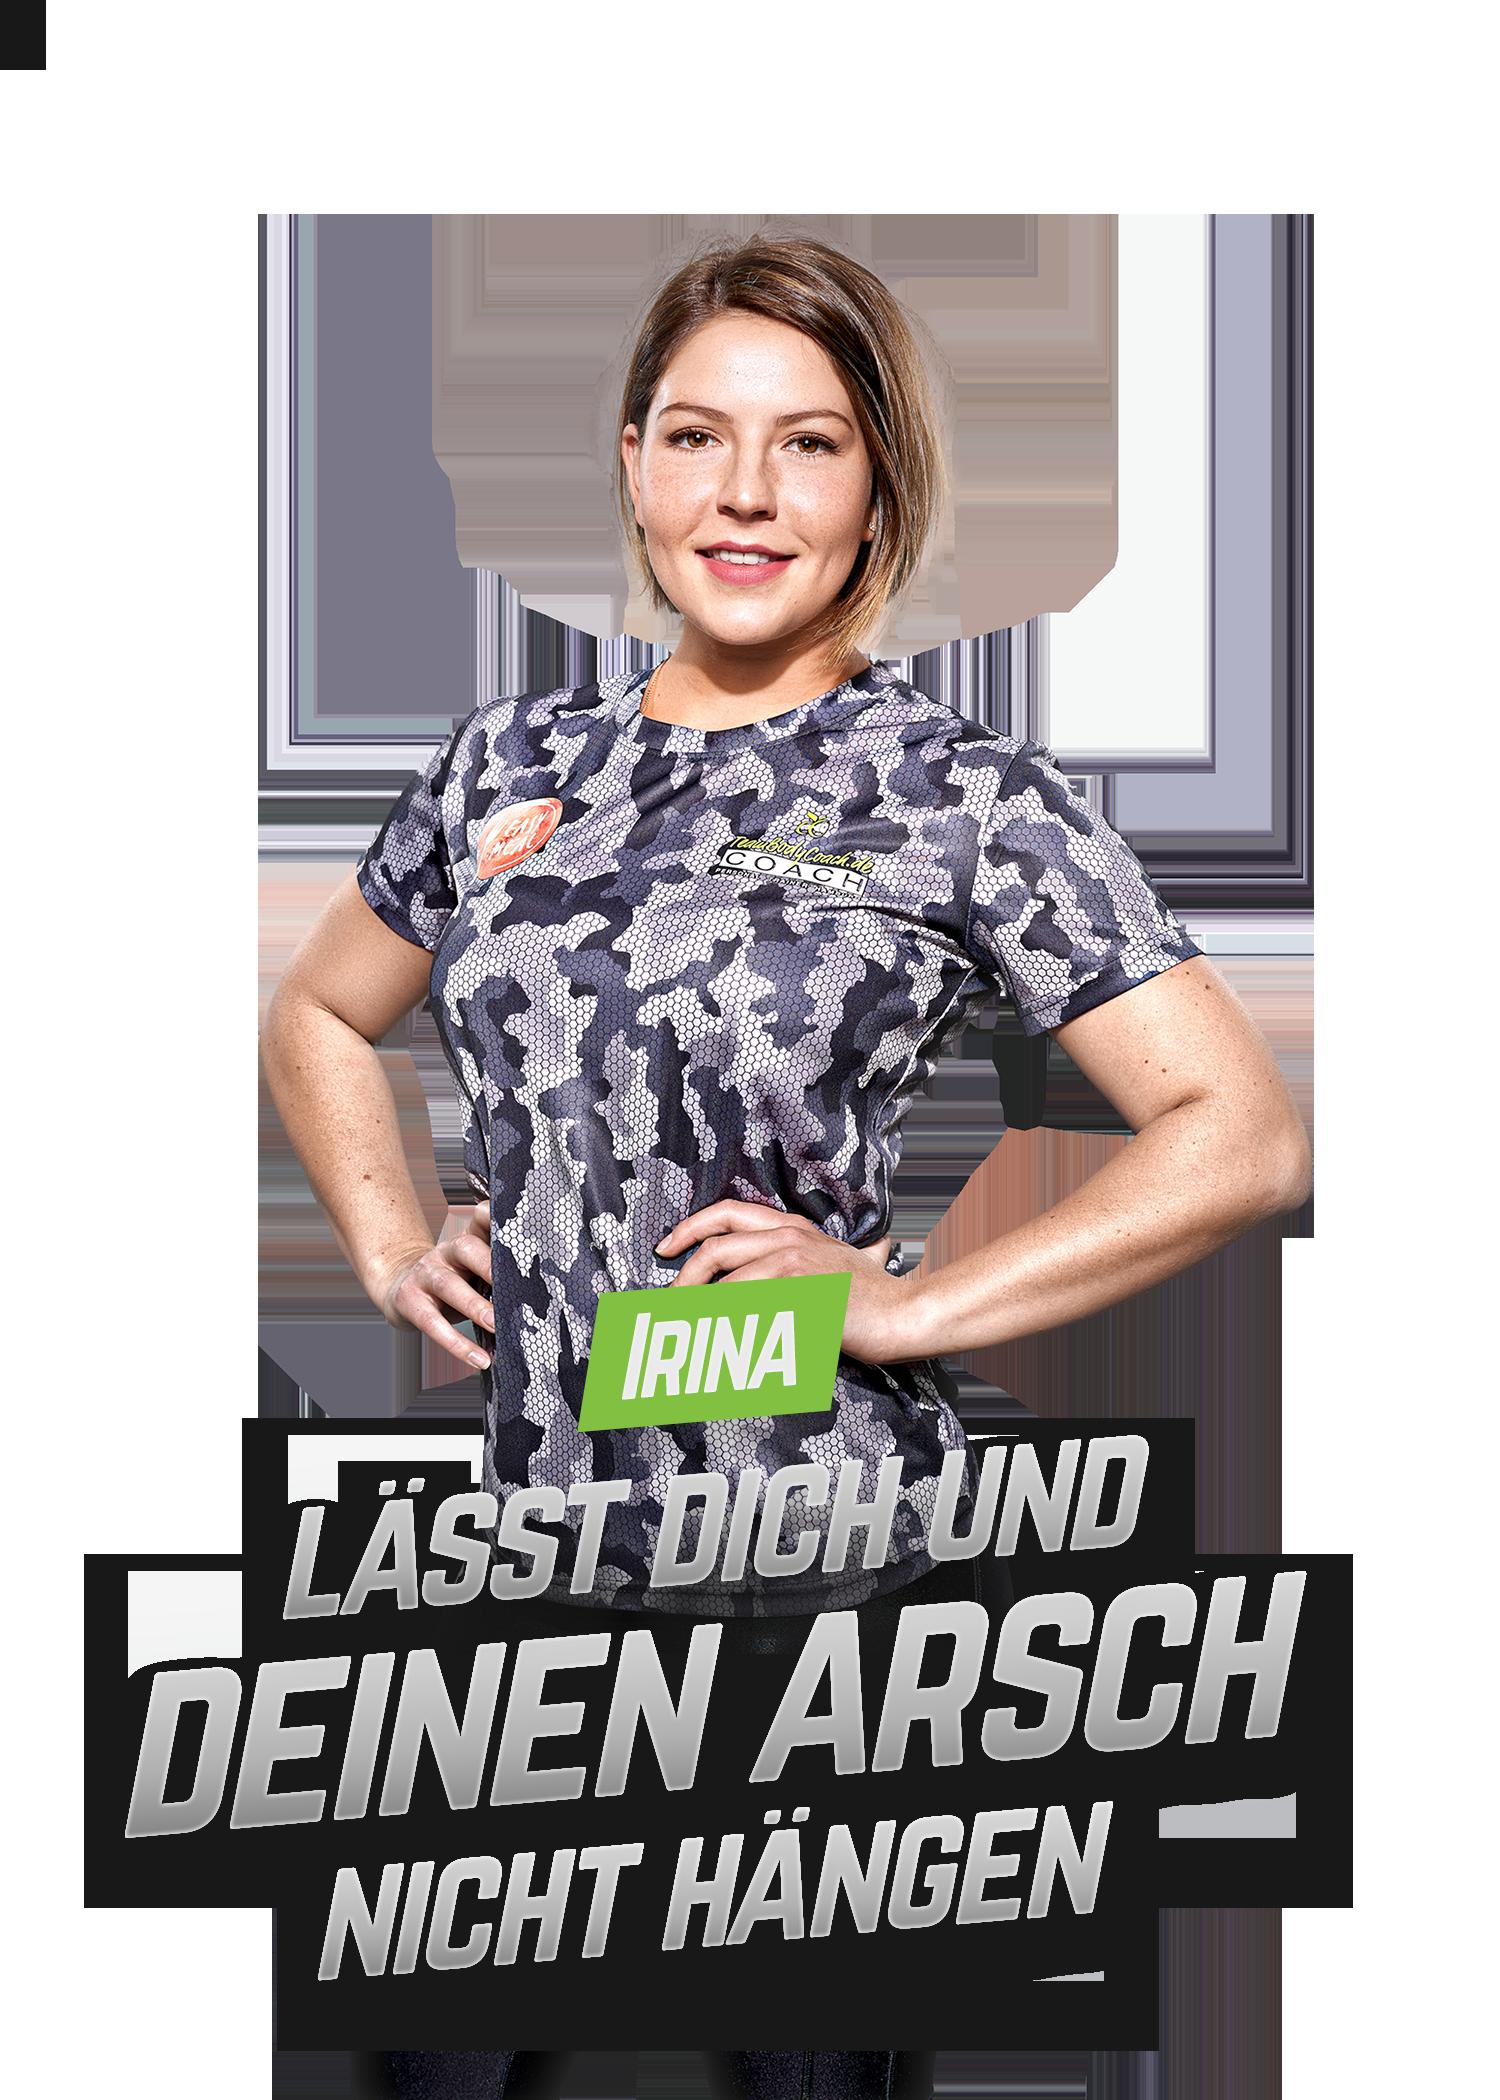 Personal Fitness Trainer Hamburg - TeamBodyCoach - Irina 1